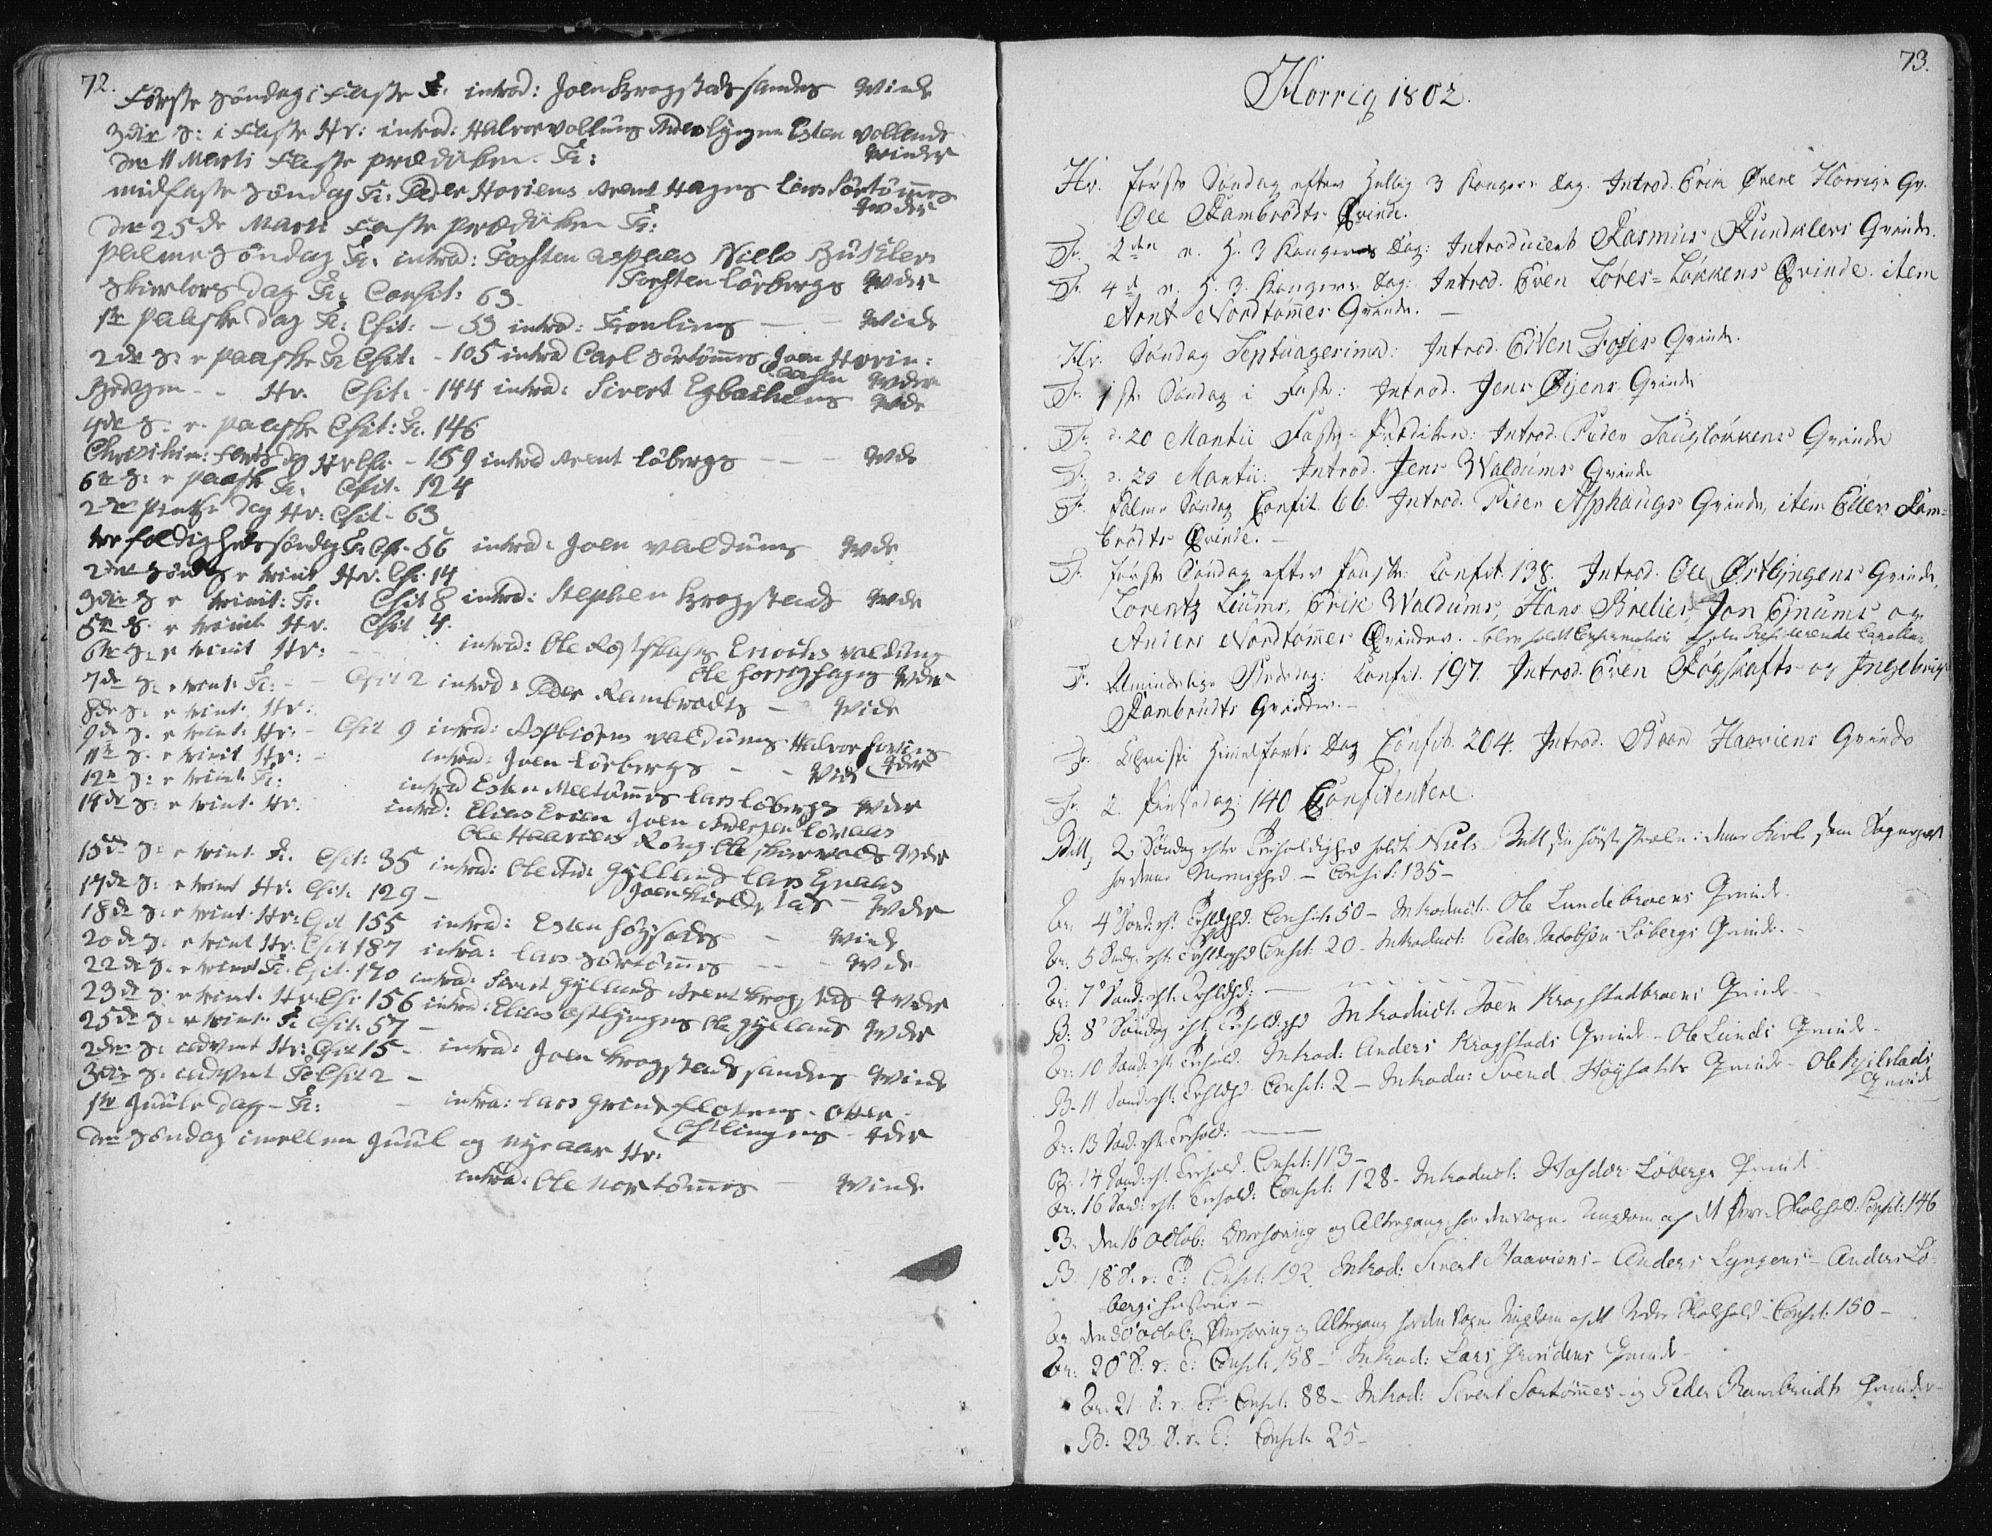 SAT, Ministerialprotokoller, klokkerbøker og fødselsregistre - Sør-Trøndelag, 687/L0993: Ministerialbok nr. 687A03 /2, 1788-1815, s. 72-73